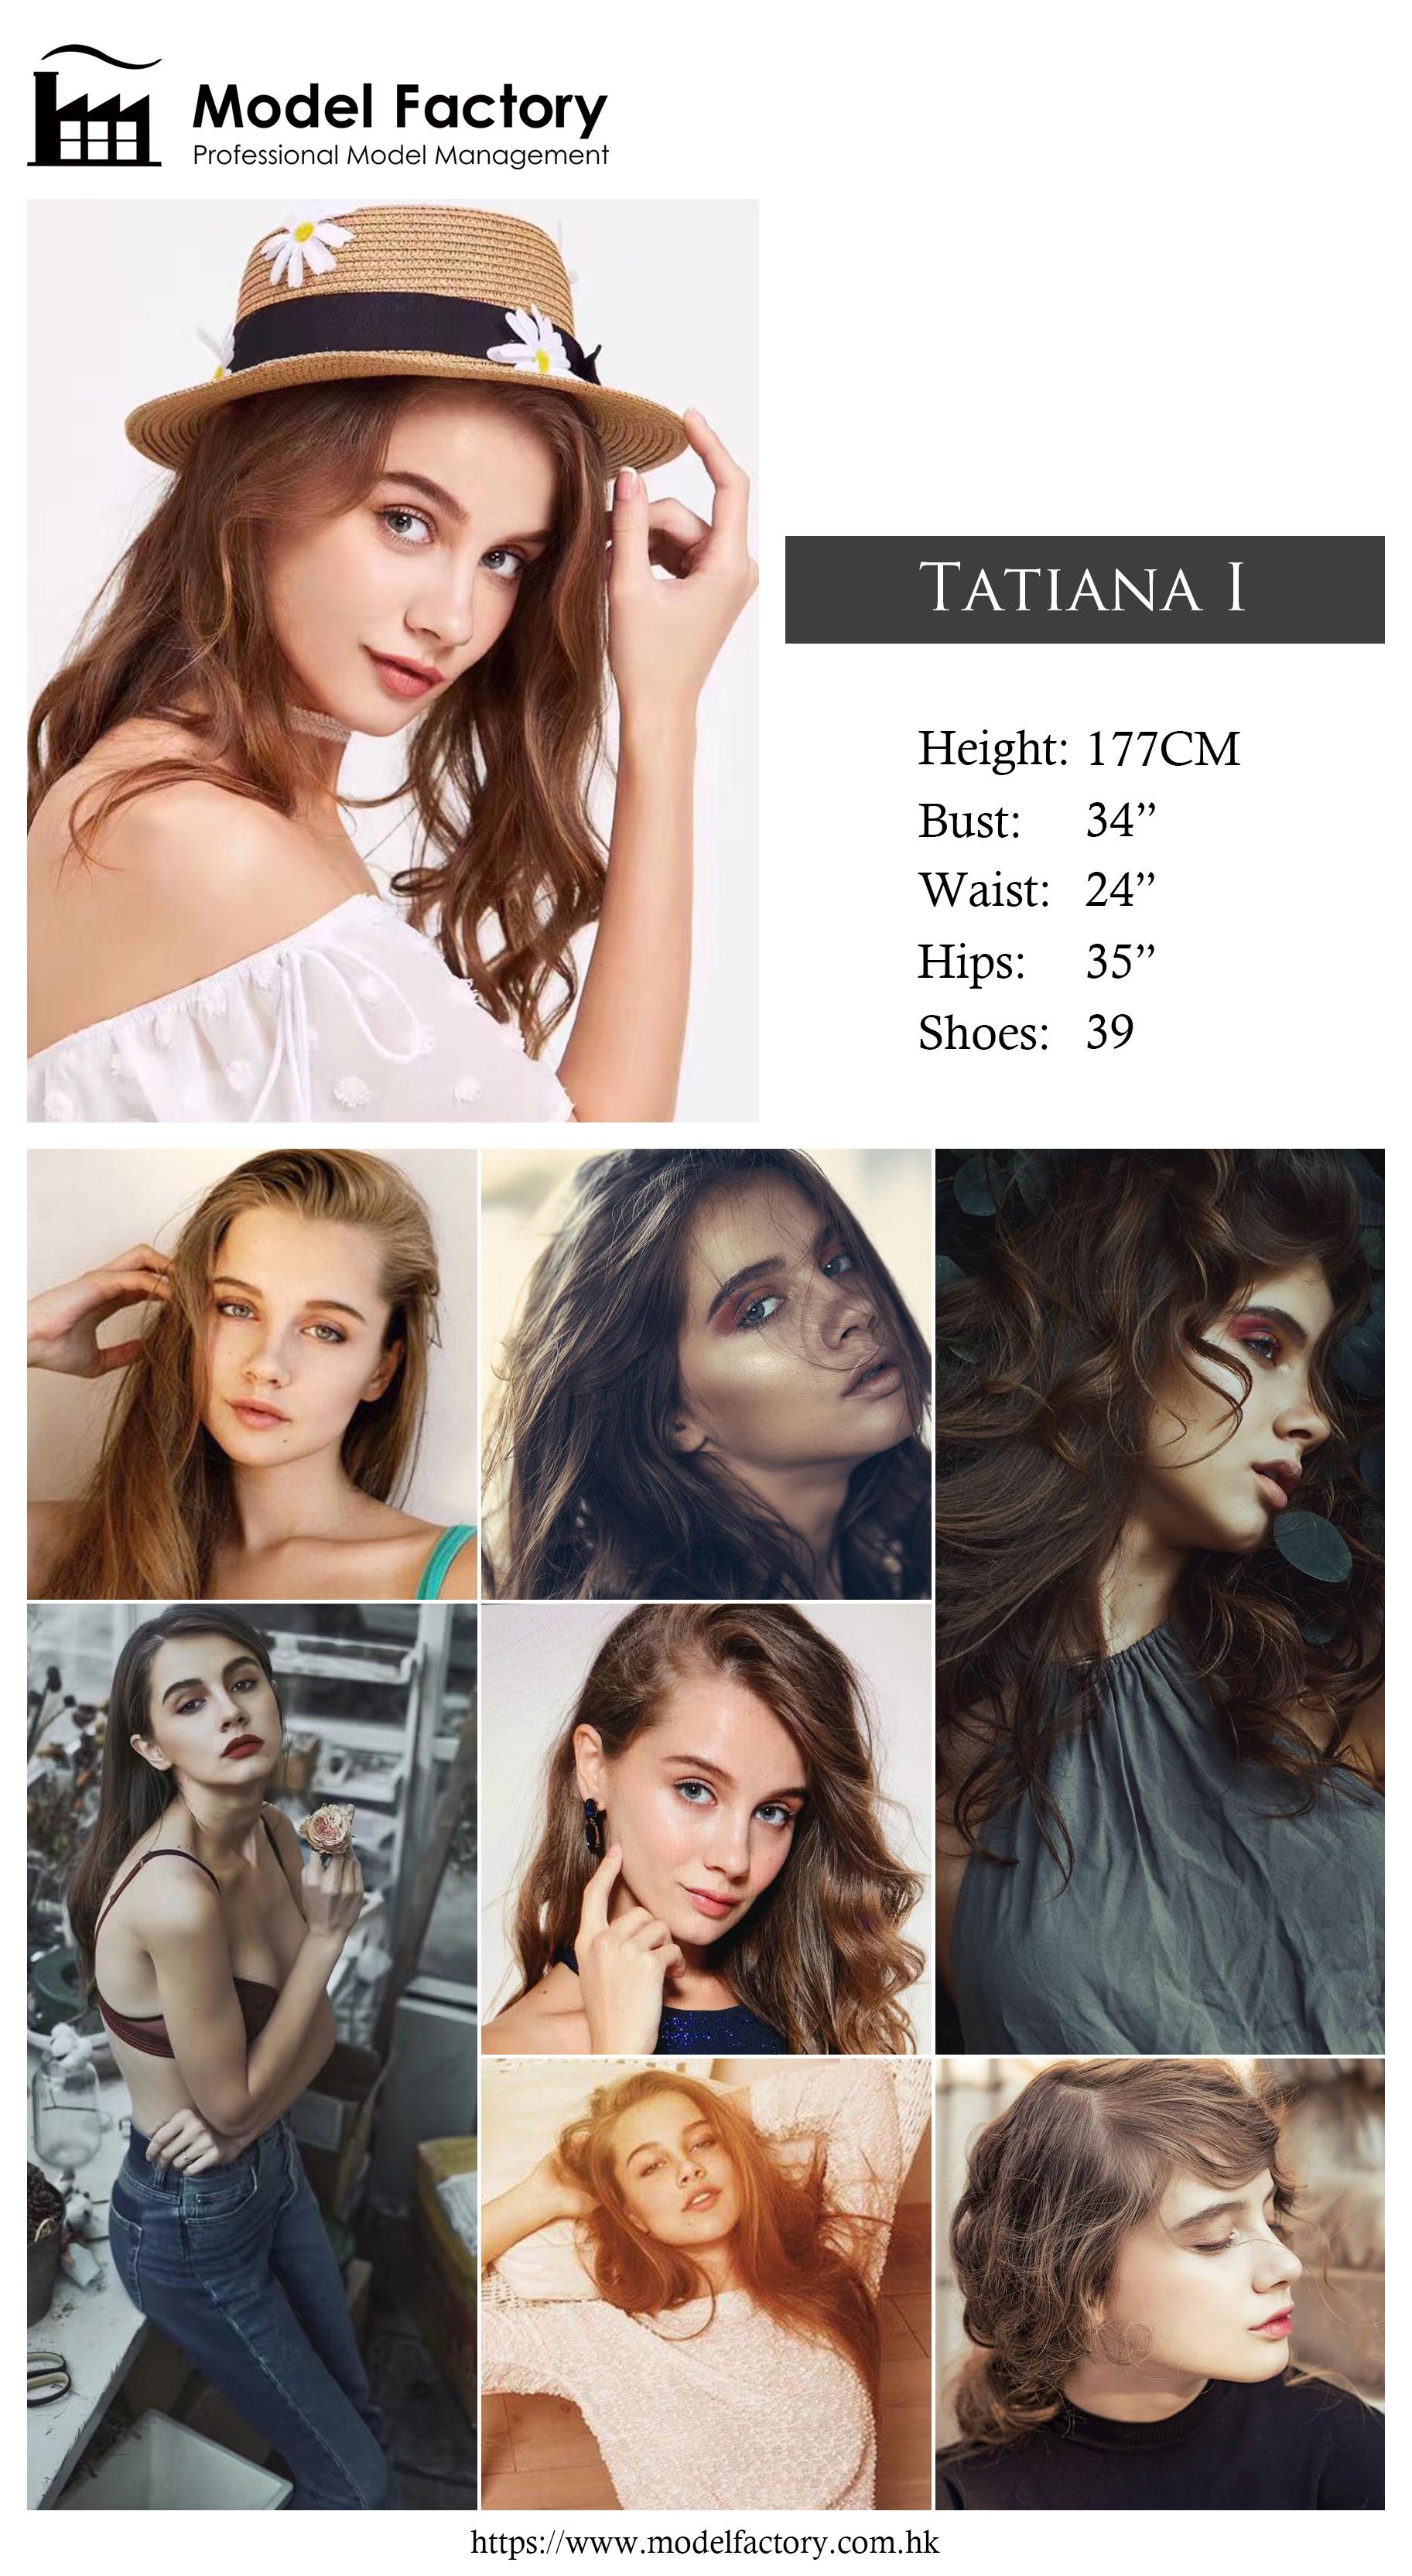 Model Factory Caucasian Female Model TatianaI